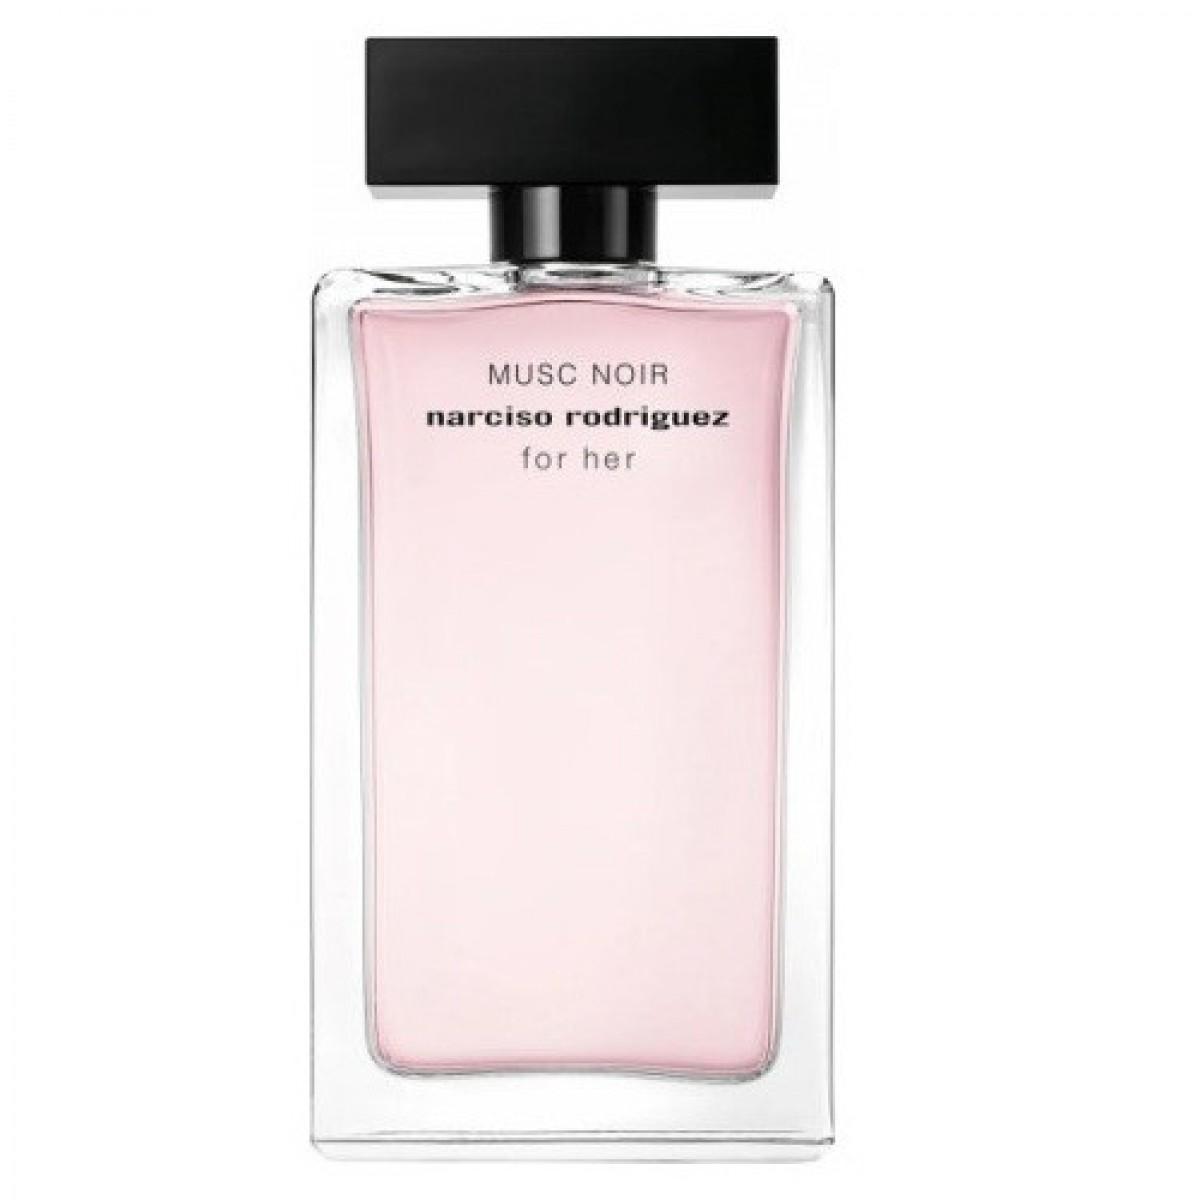 For Her Musc Noir Eau de Parfum